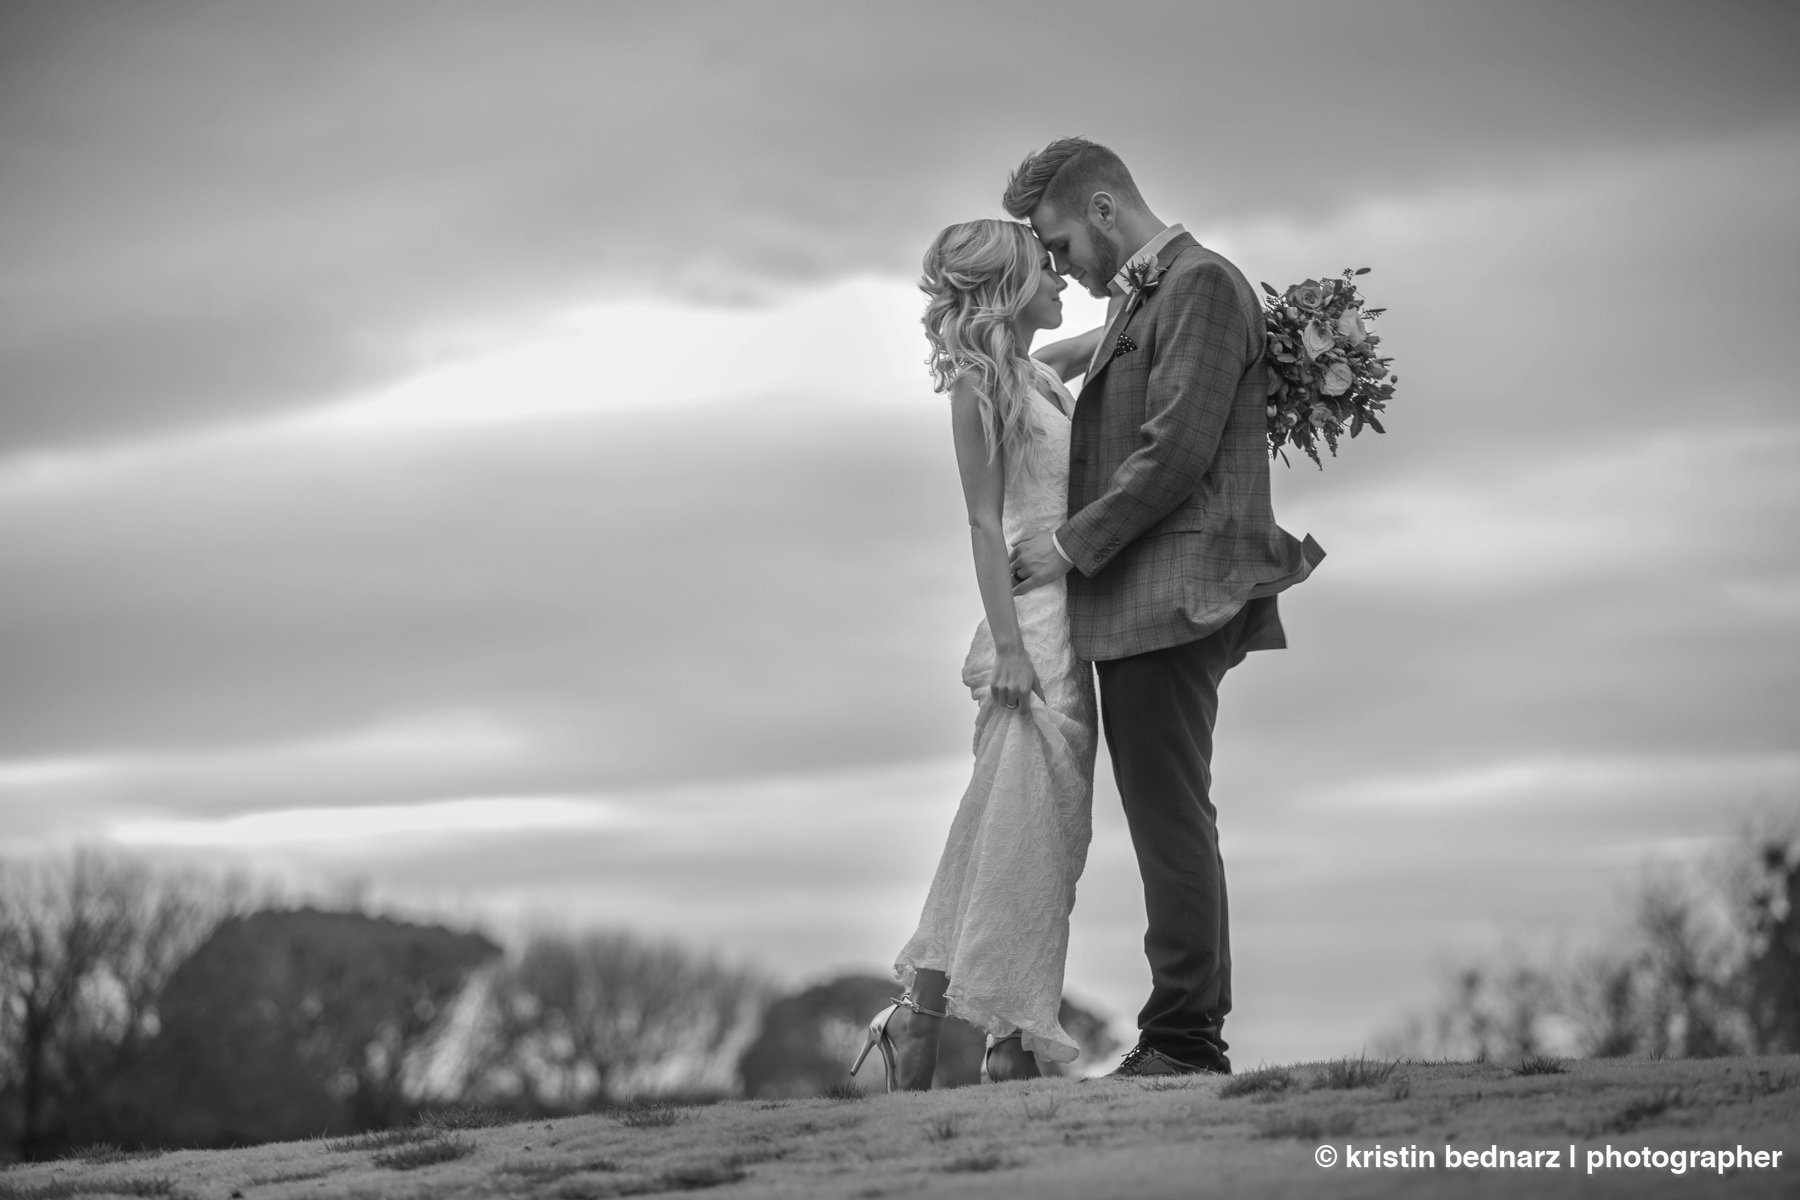 kristin_bednarz_wedding_photographer_20190214_00071sneak_peek.JPG